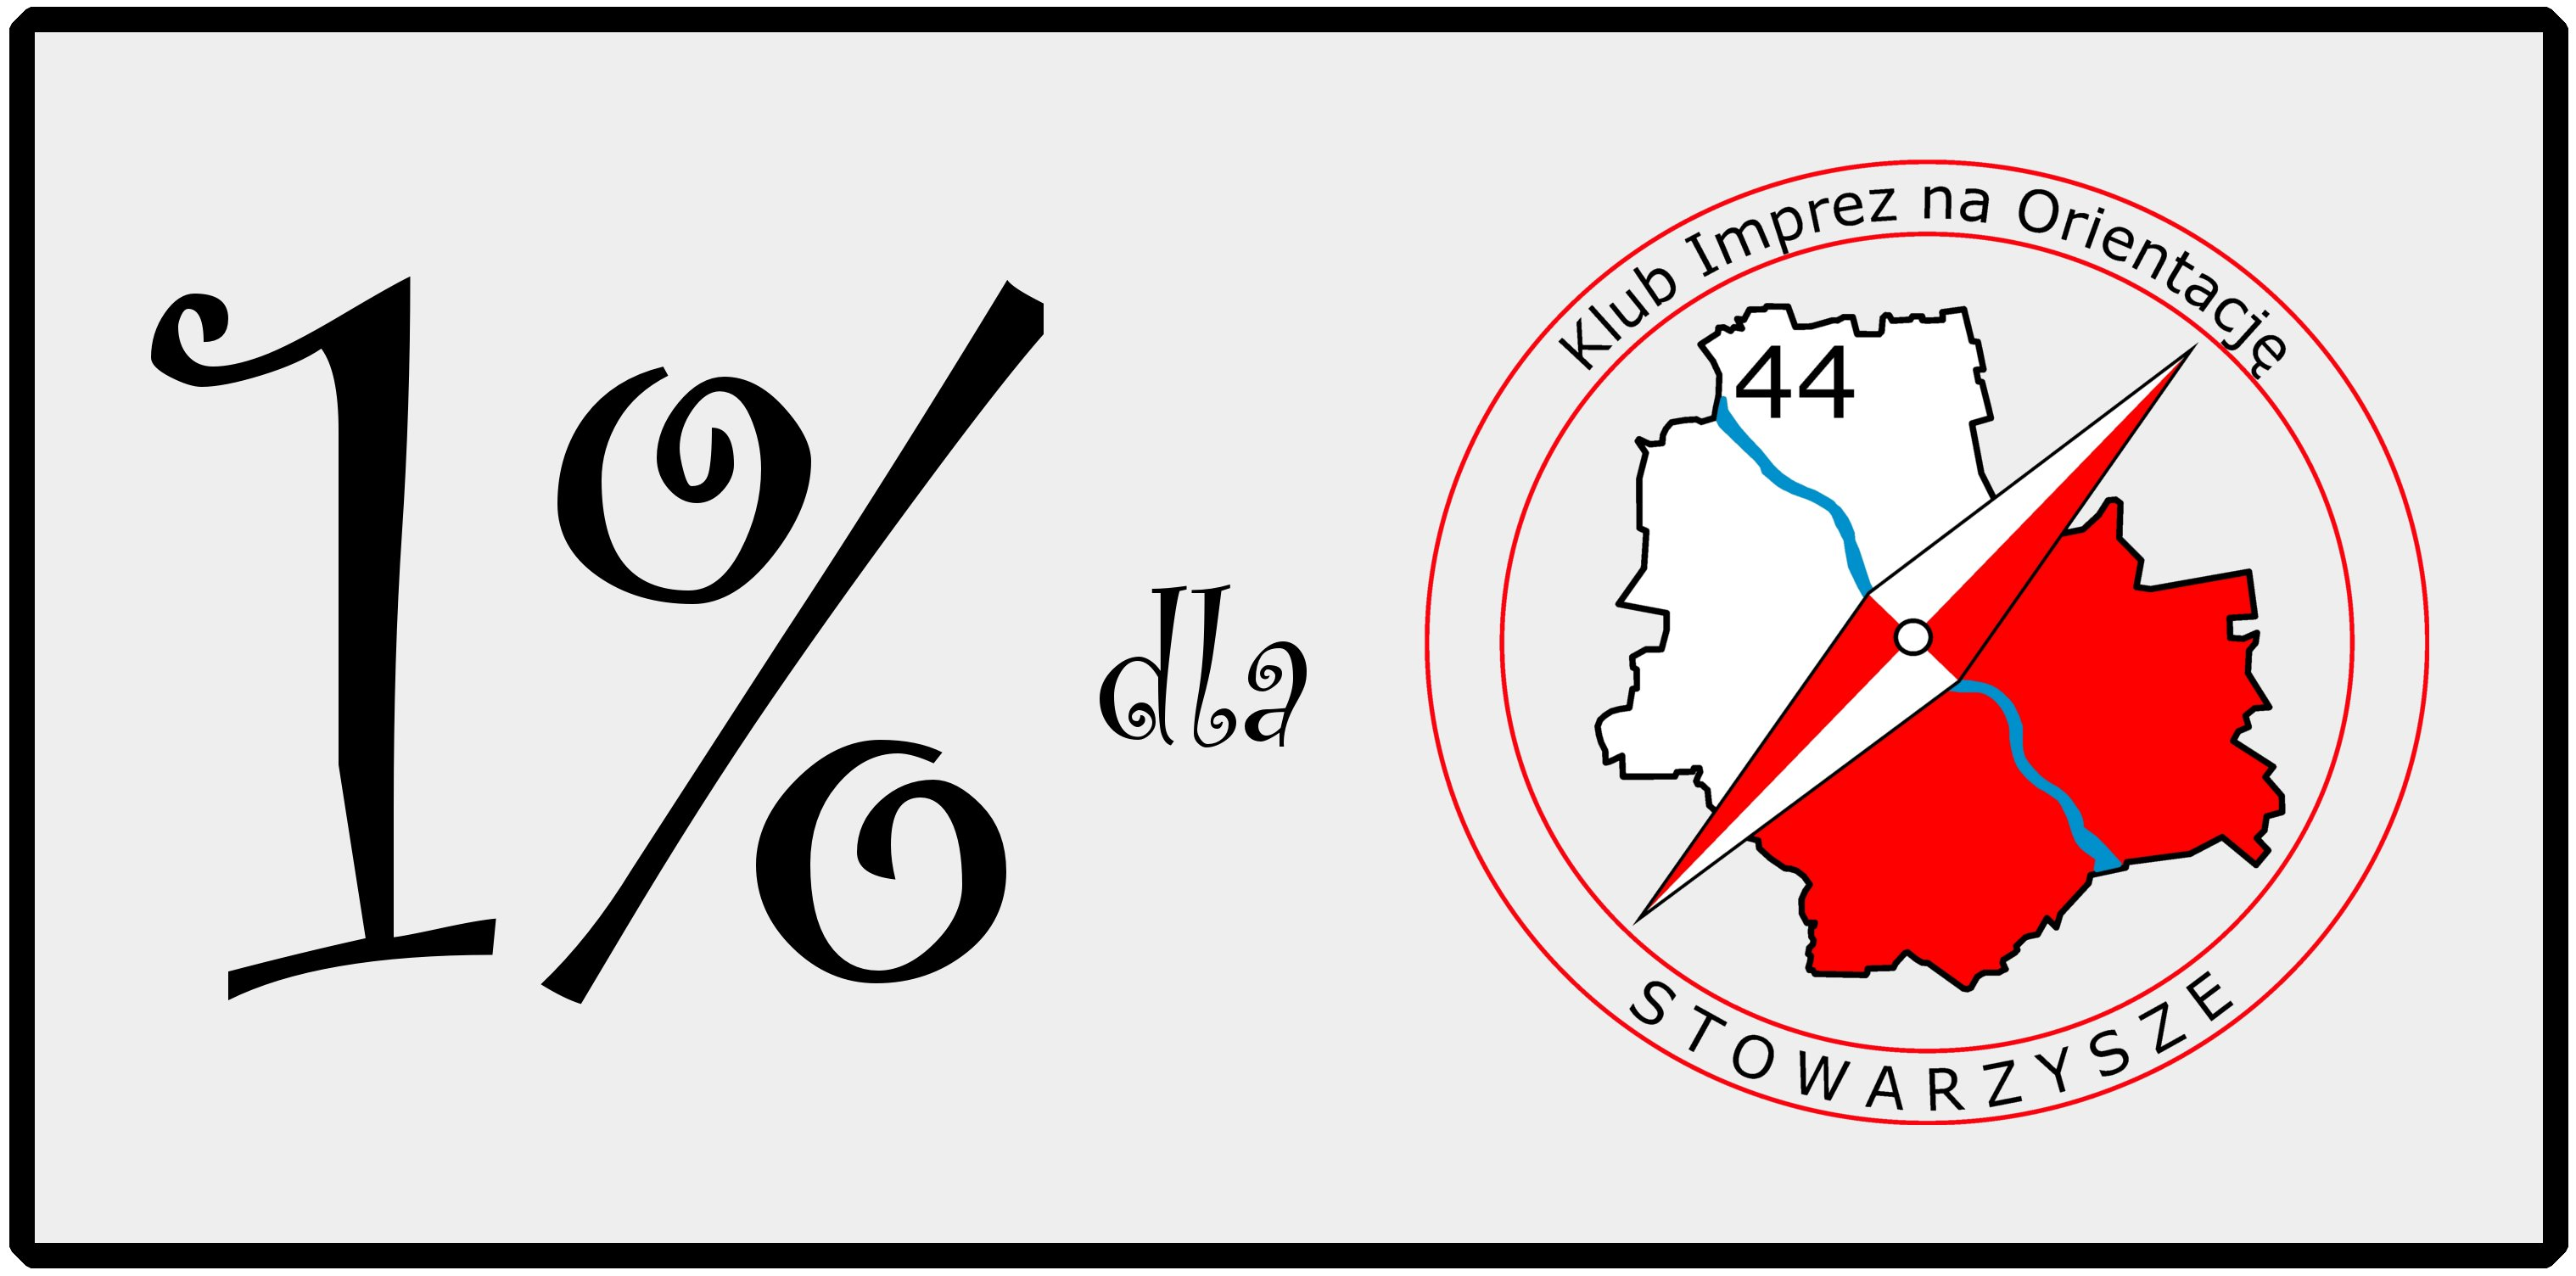 1% dla Stowarzyszy